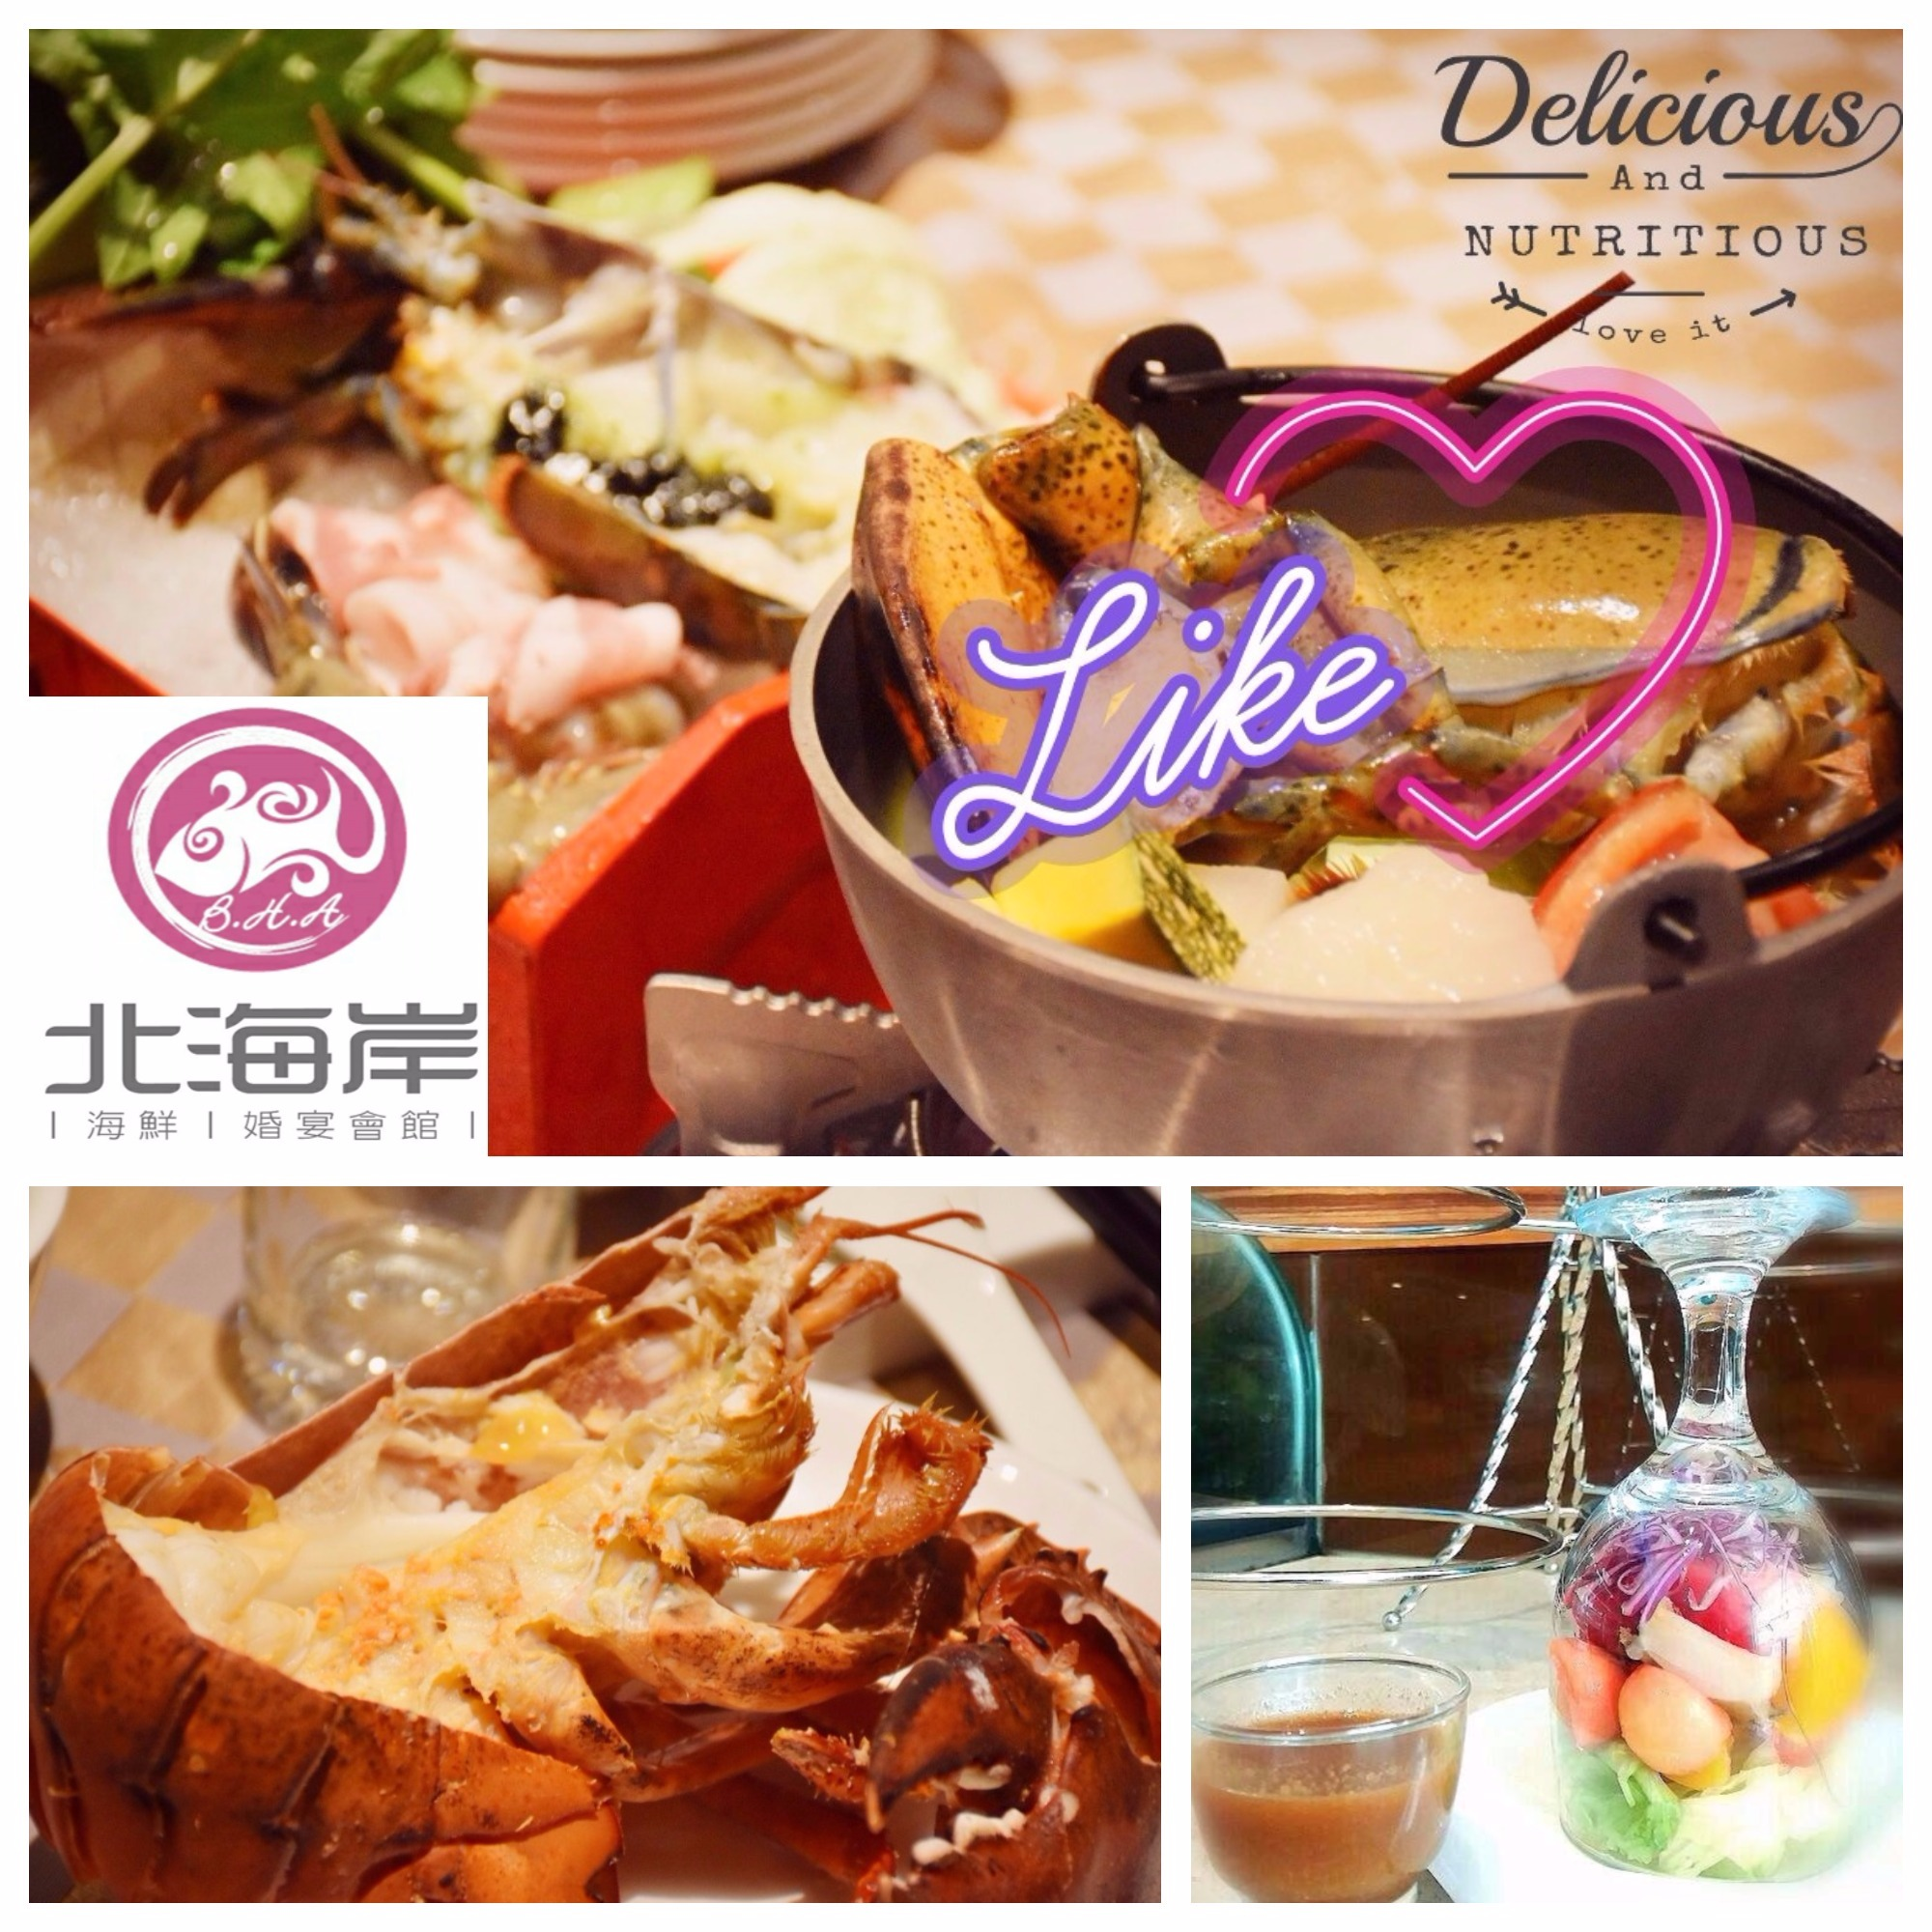 台中北海岸海鮮婚宴會館-豪宅龍蝦火鍋